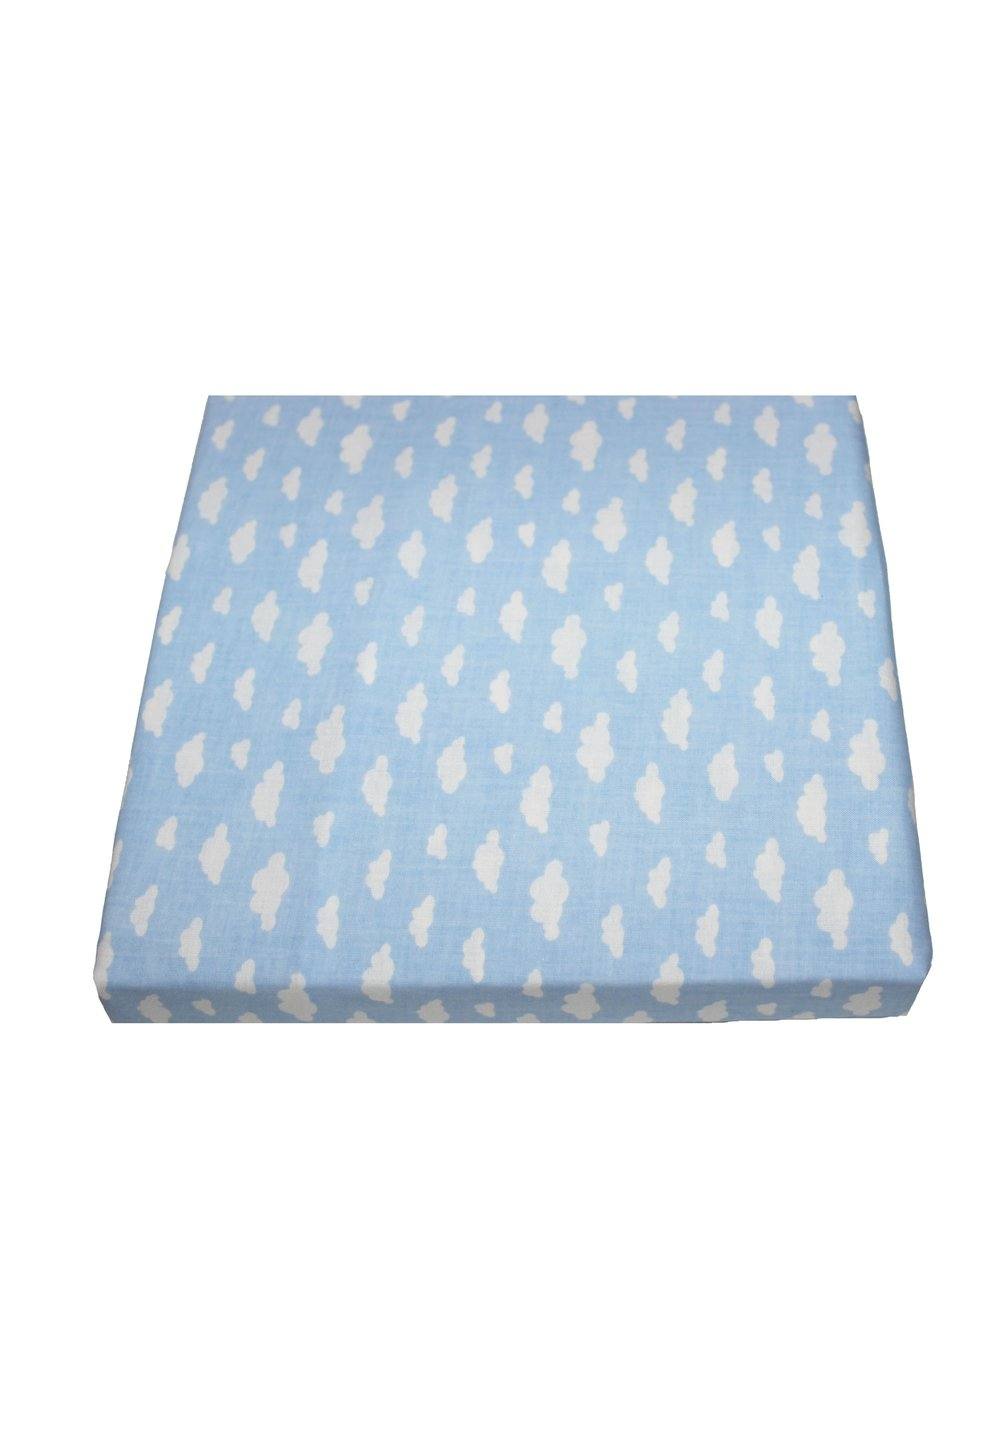 Cearceaf patut, norisori albastri, 120x60cm imagine